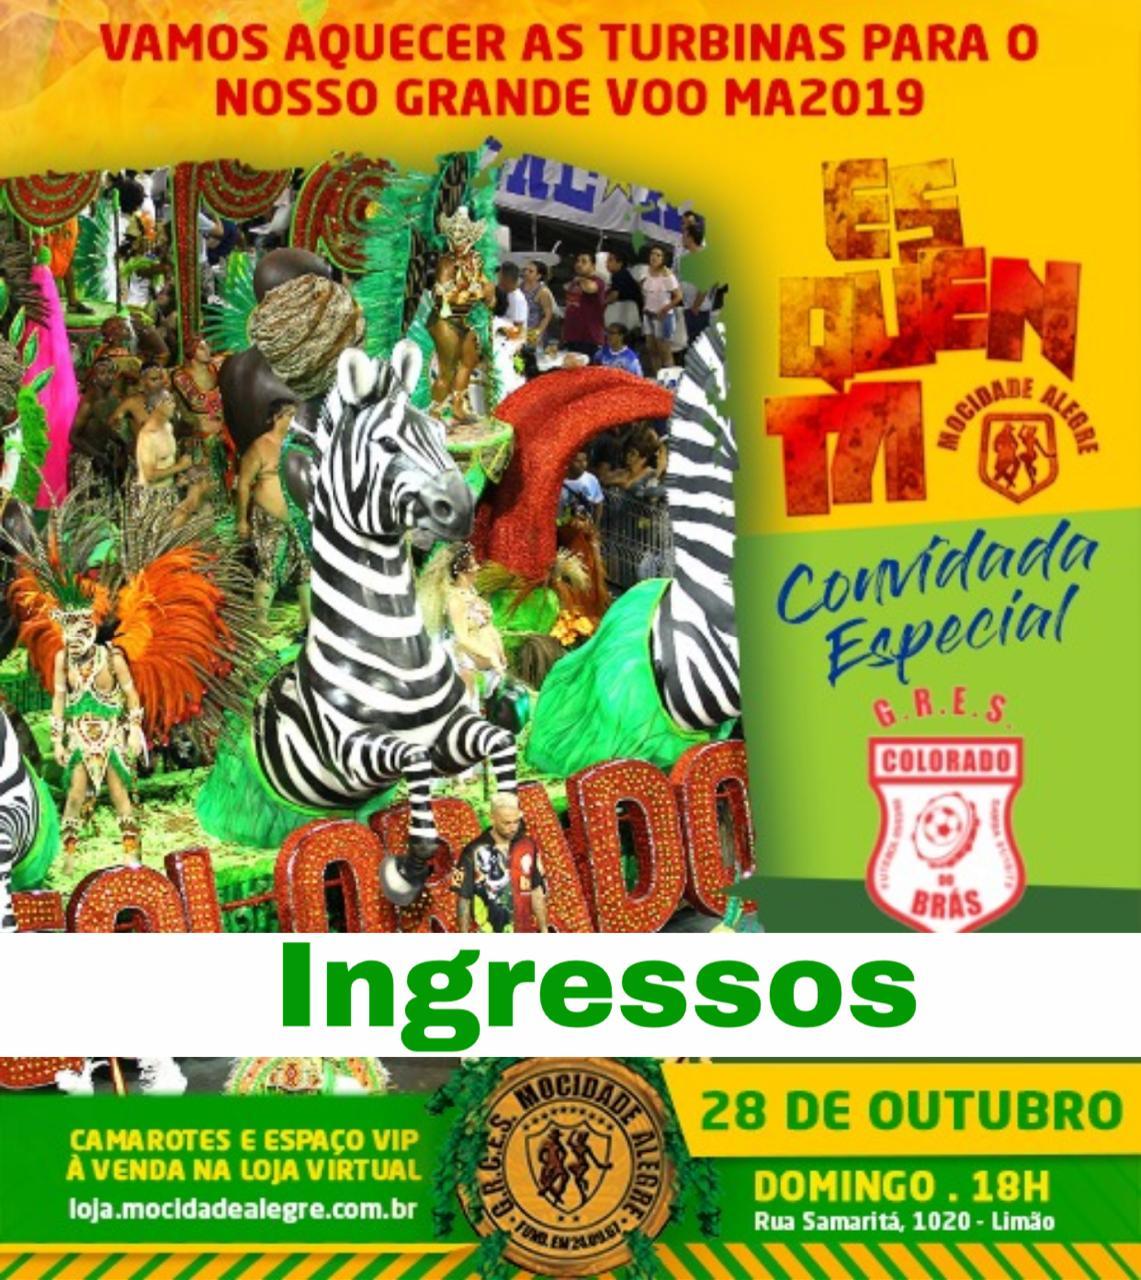 INGRESSOS - 28/10 - ENSAIO ESQUENTA COLORADO DO BRÁS  - Mocidade Alegre